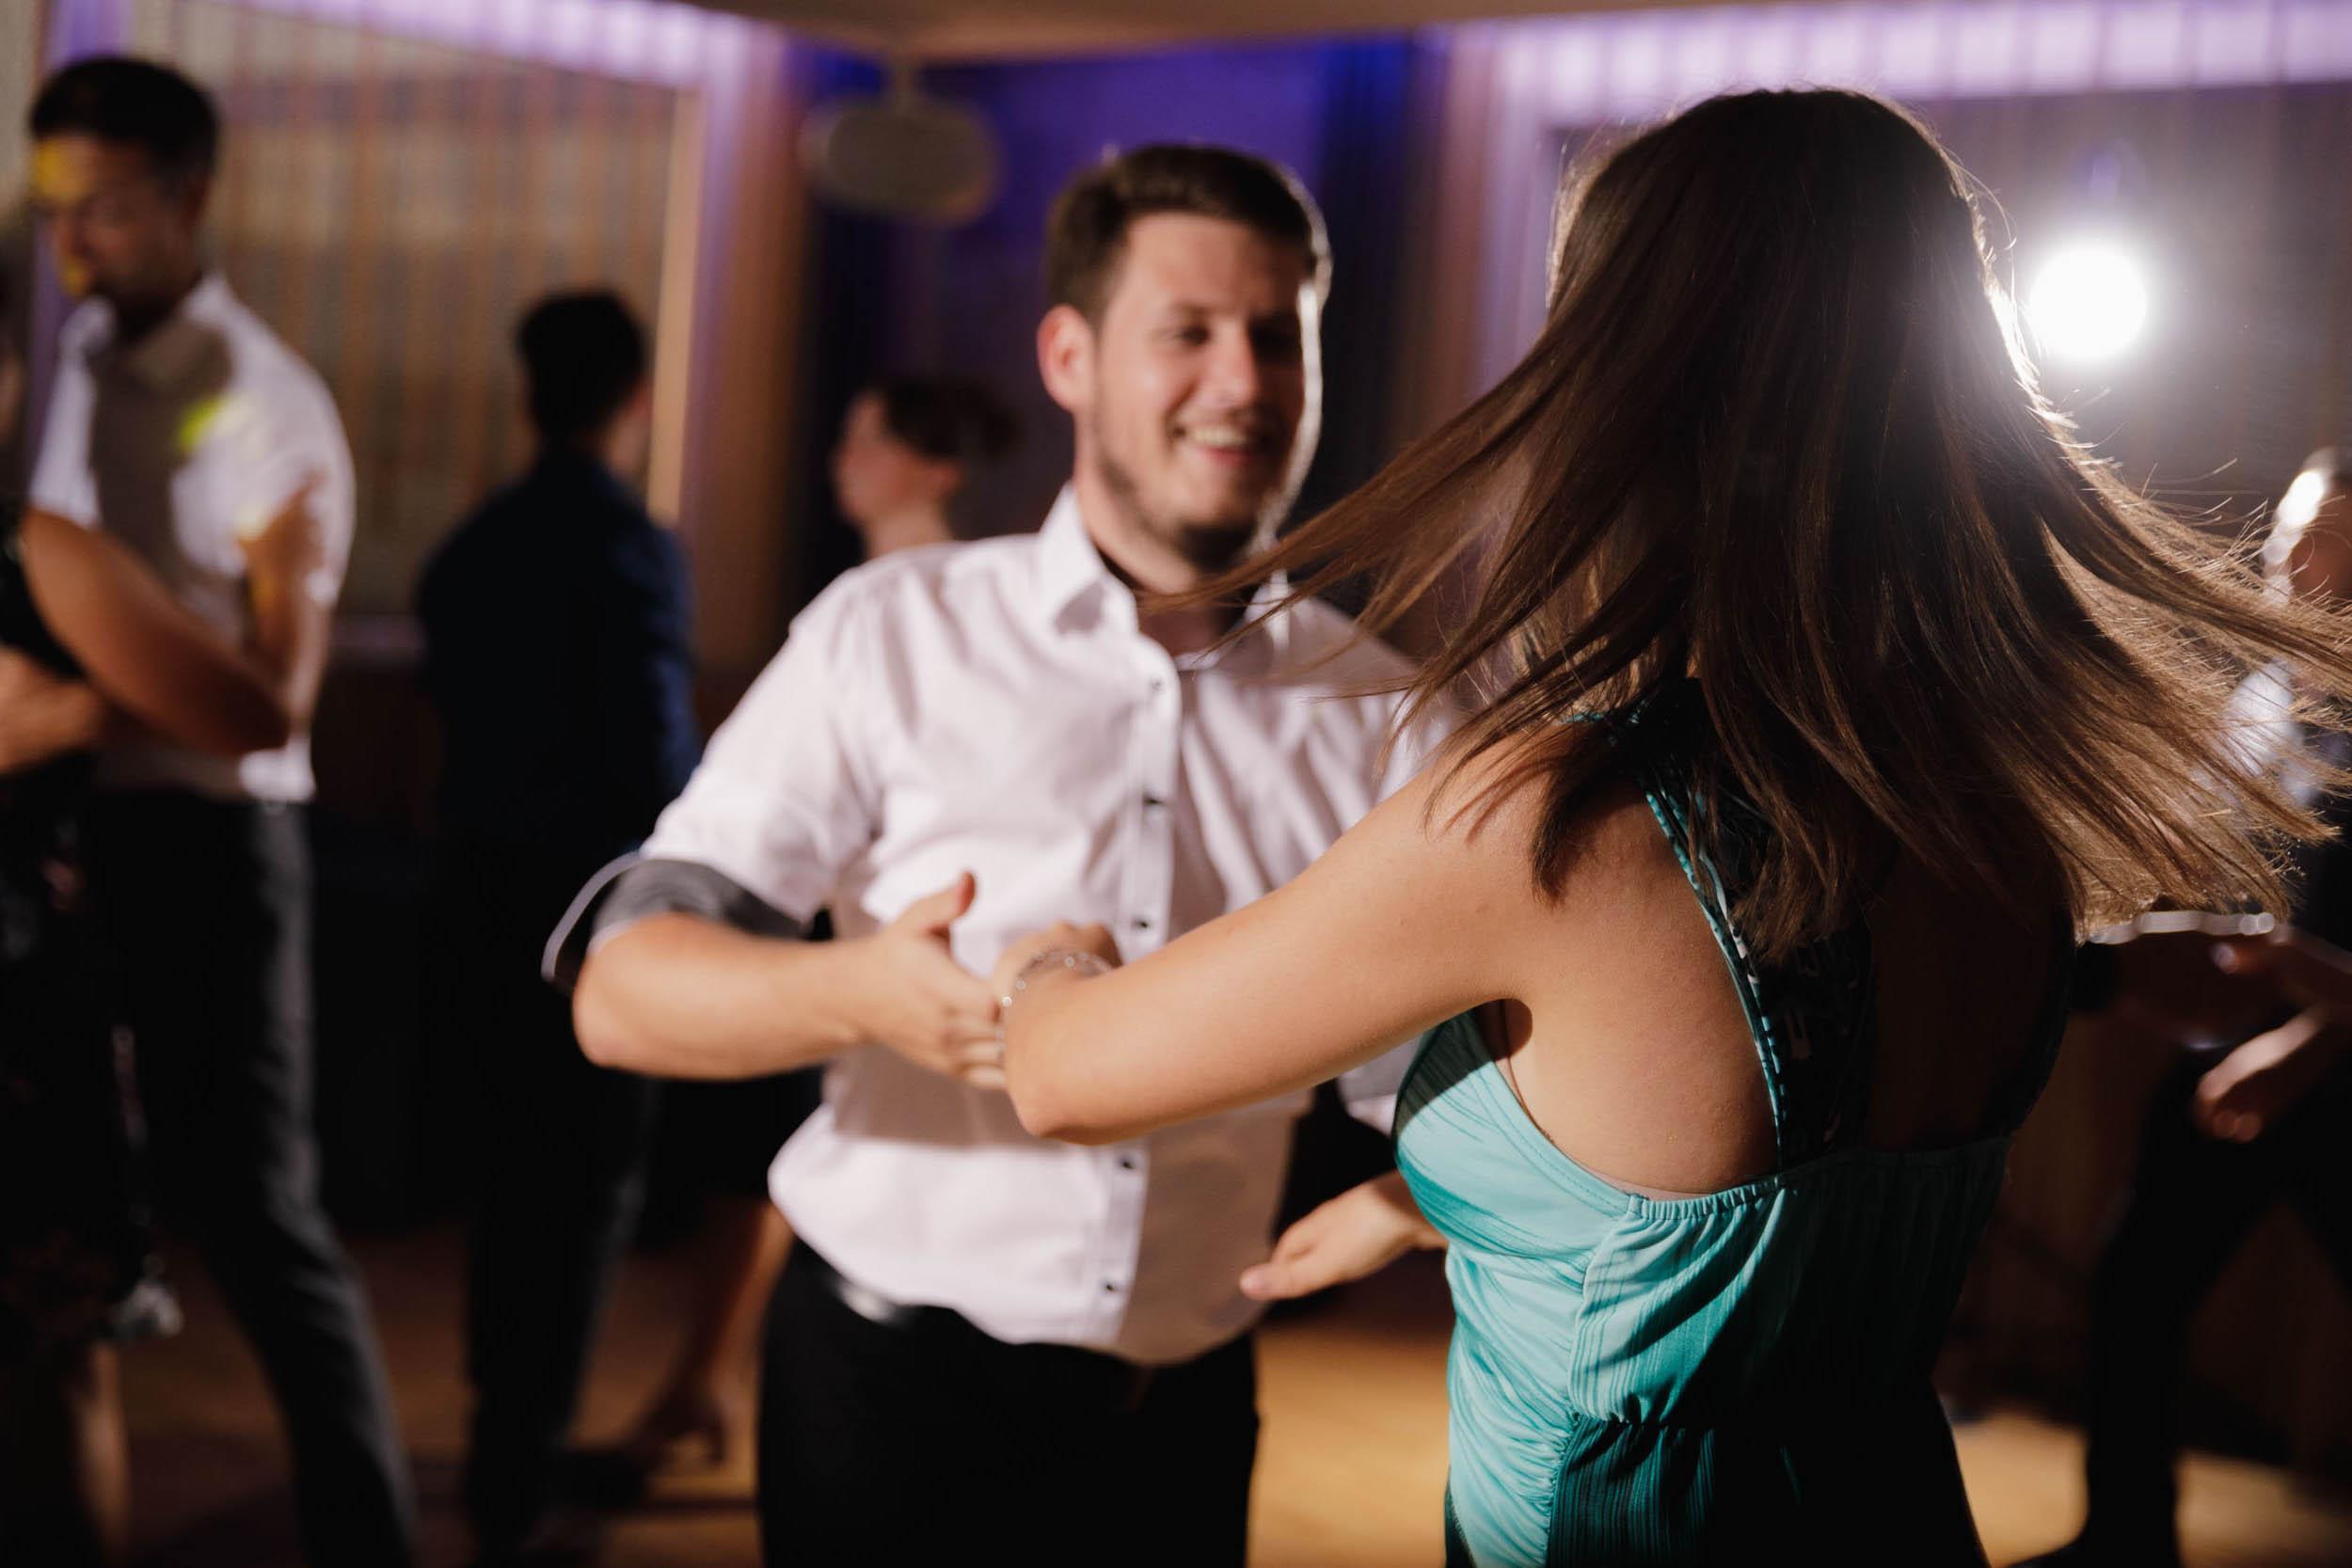 Tanzschule Hieble | danscursus voor uw bruiloft